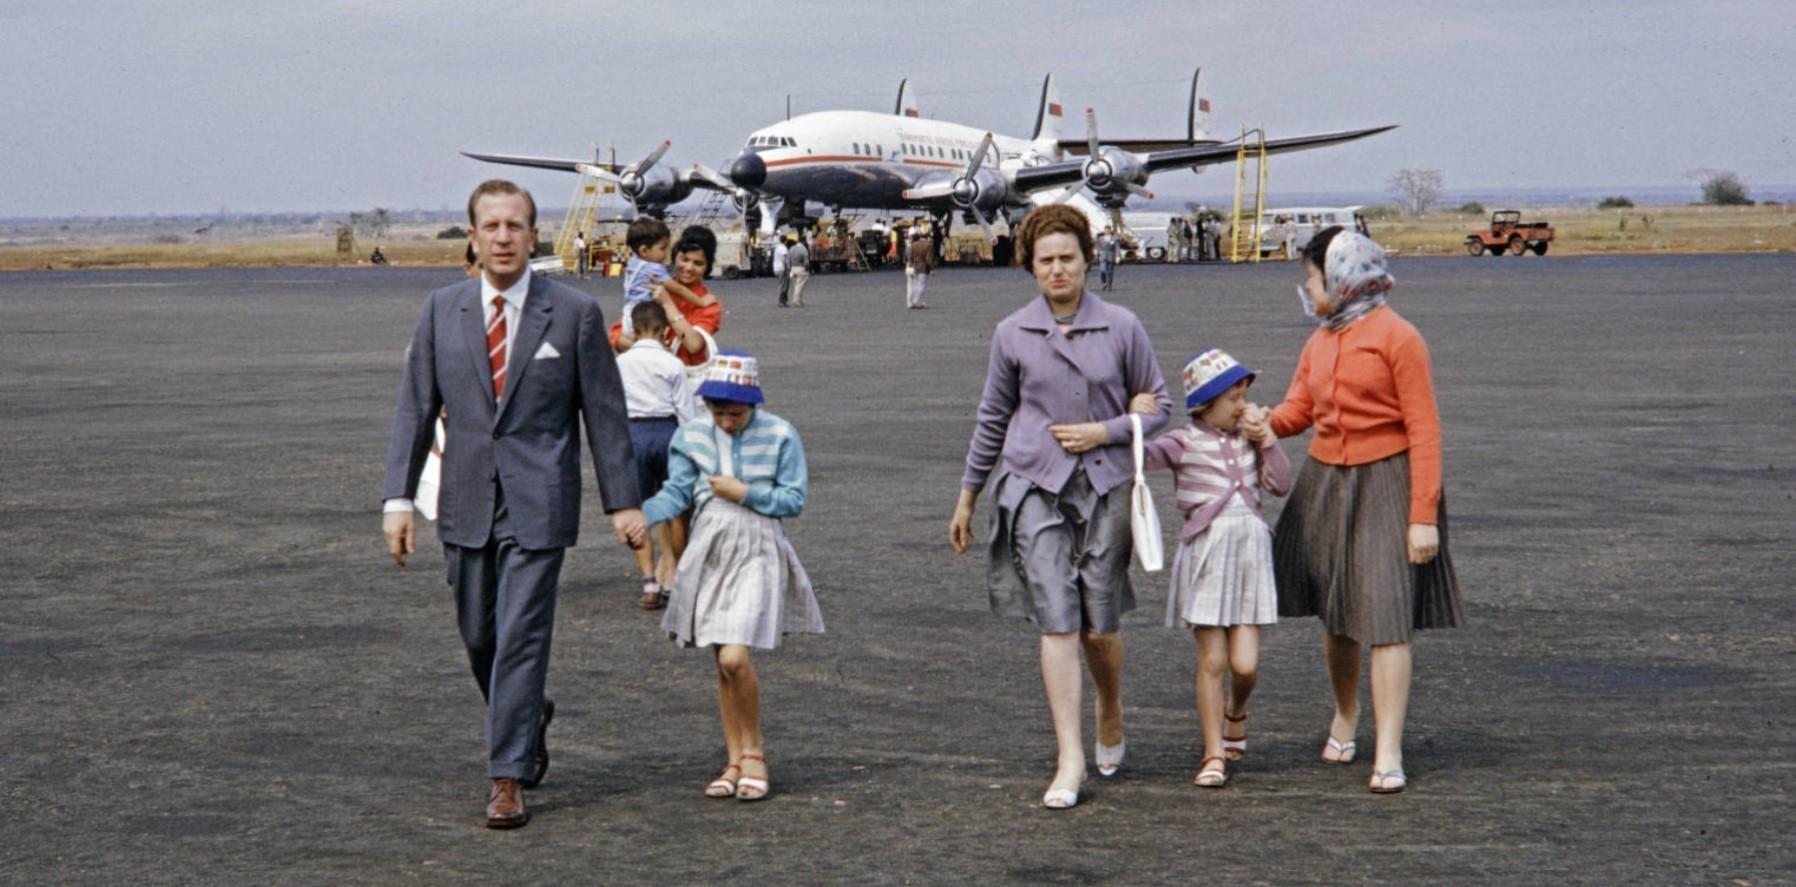 Пассажиры выходят из самолёта TAP Super-Constellation  в аэропорту Лоренсу-Маркиш. Старое фото. Passageiros desembarcam em Lourenço Marques, 1961